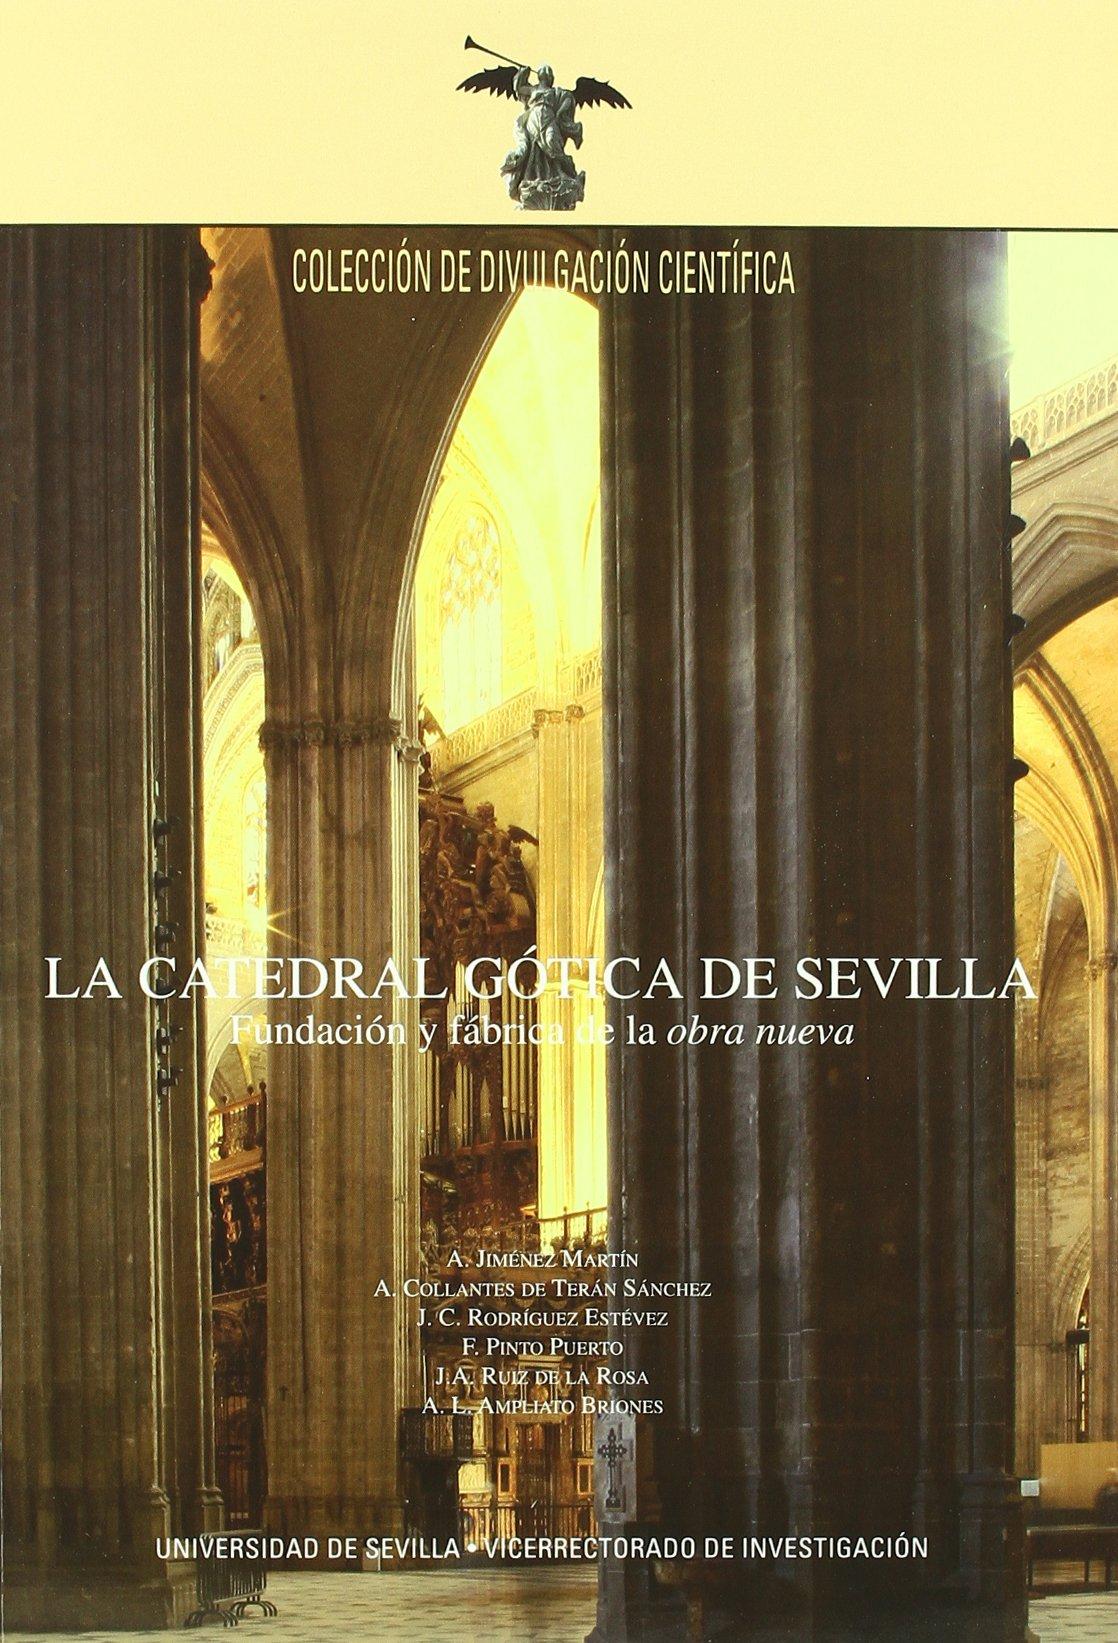 La Catedral gótica de Sevilla: Fundación y fábrica de la